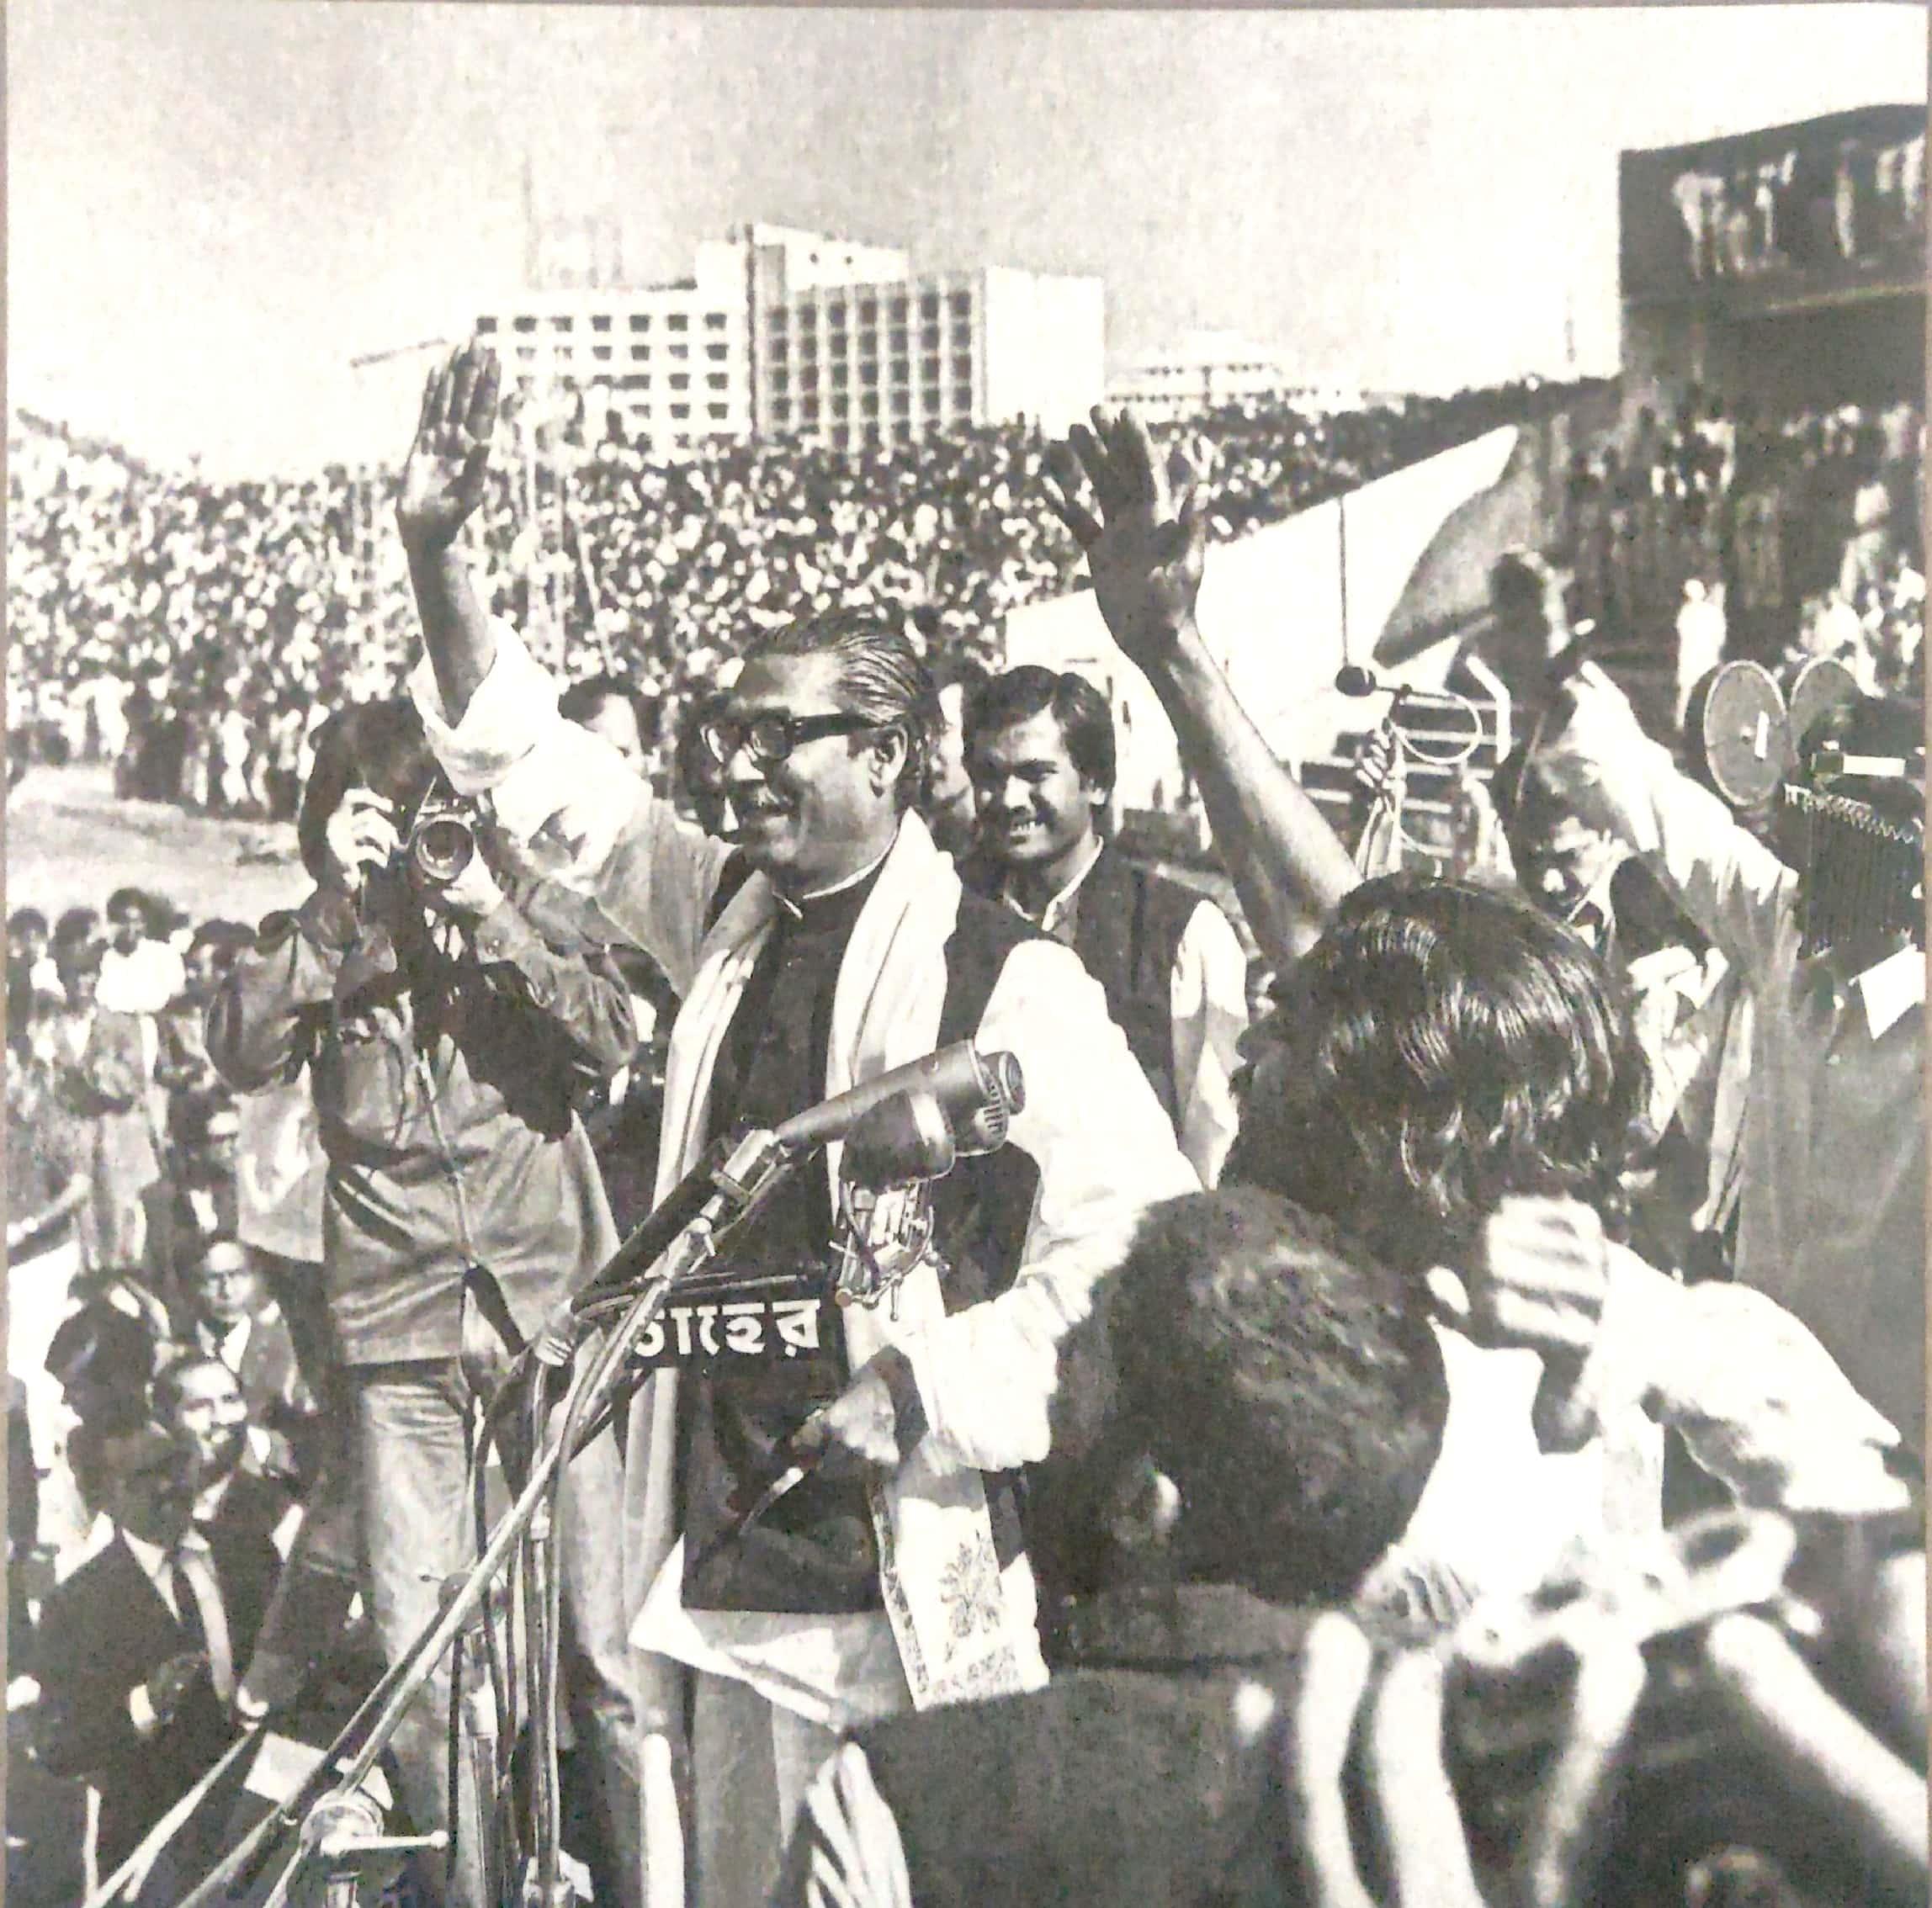 ৩১শে জানুয়ারি ১৯৭২ ঢাকা স্টেডিয়ামে শেখ মুজিব।